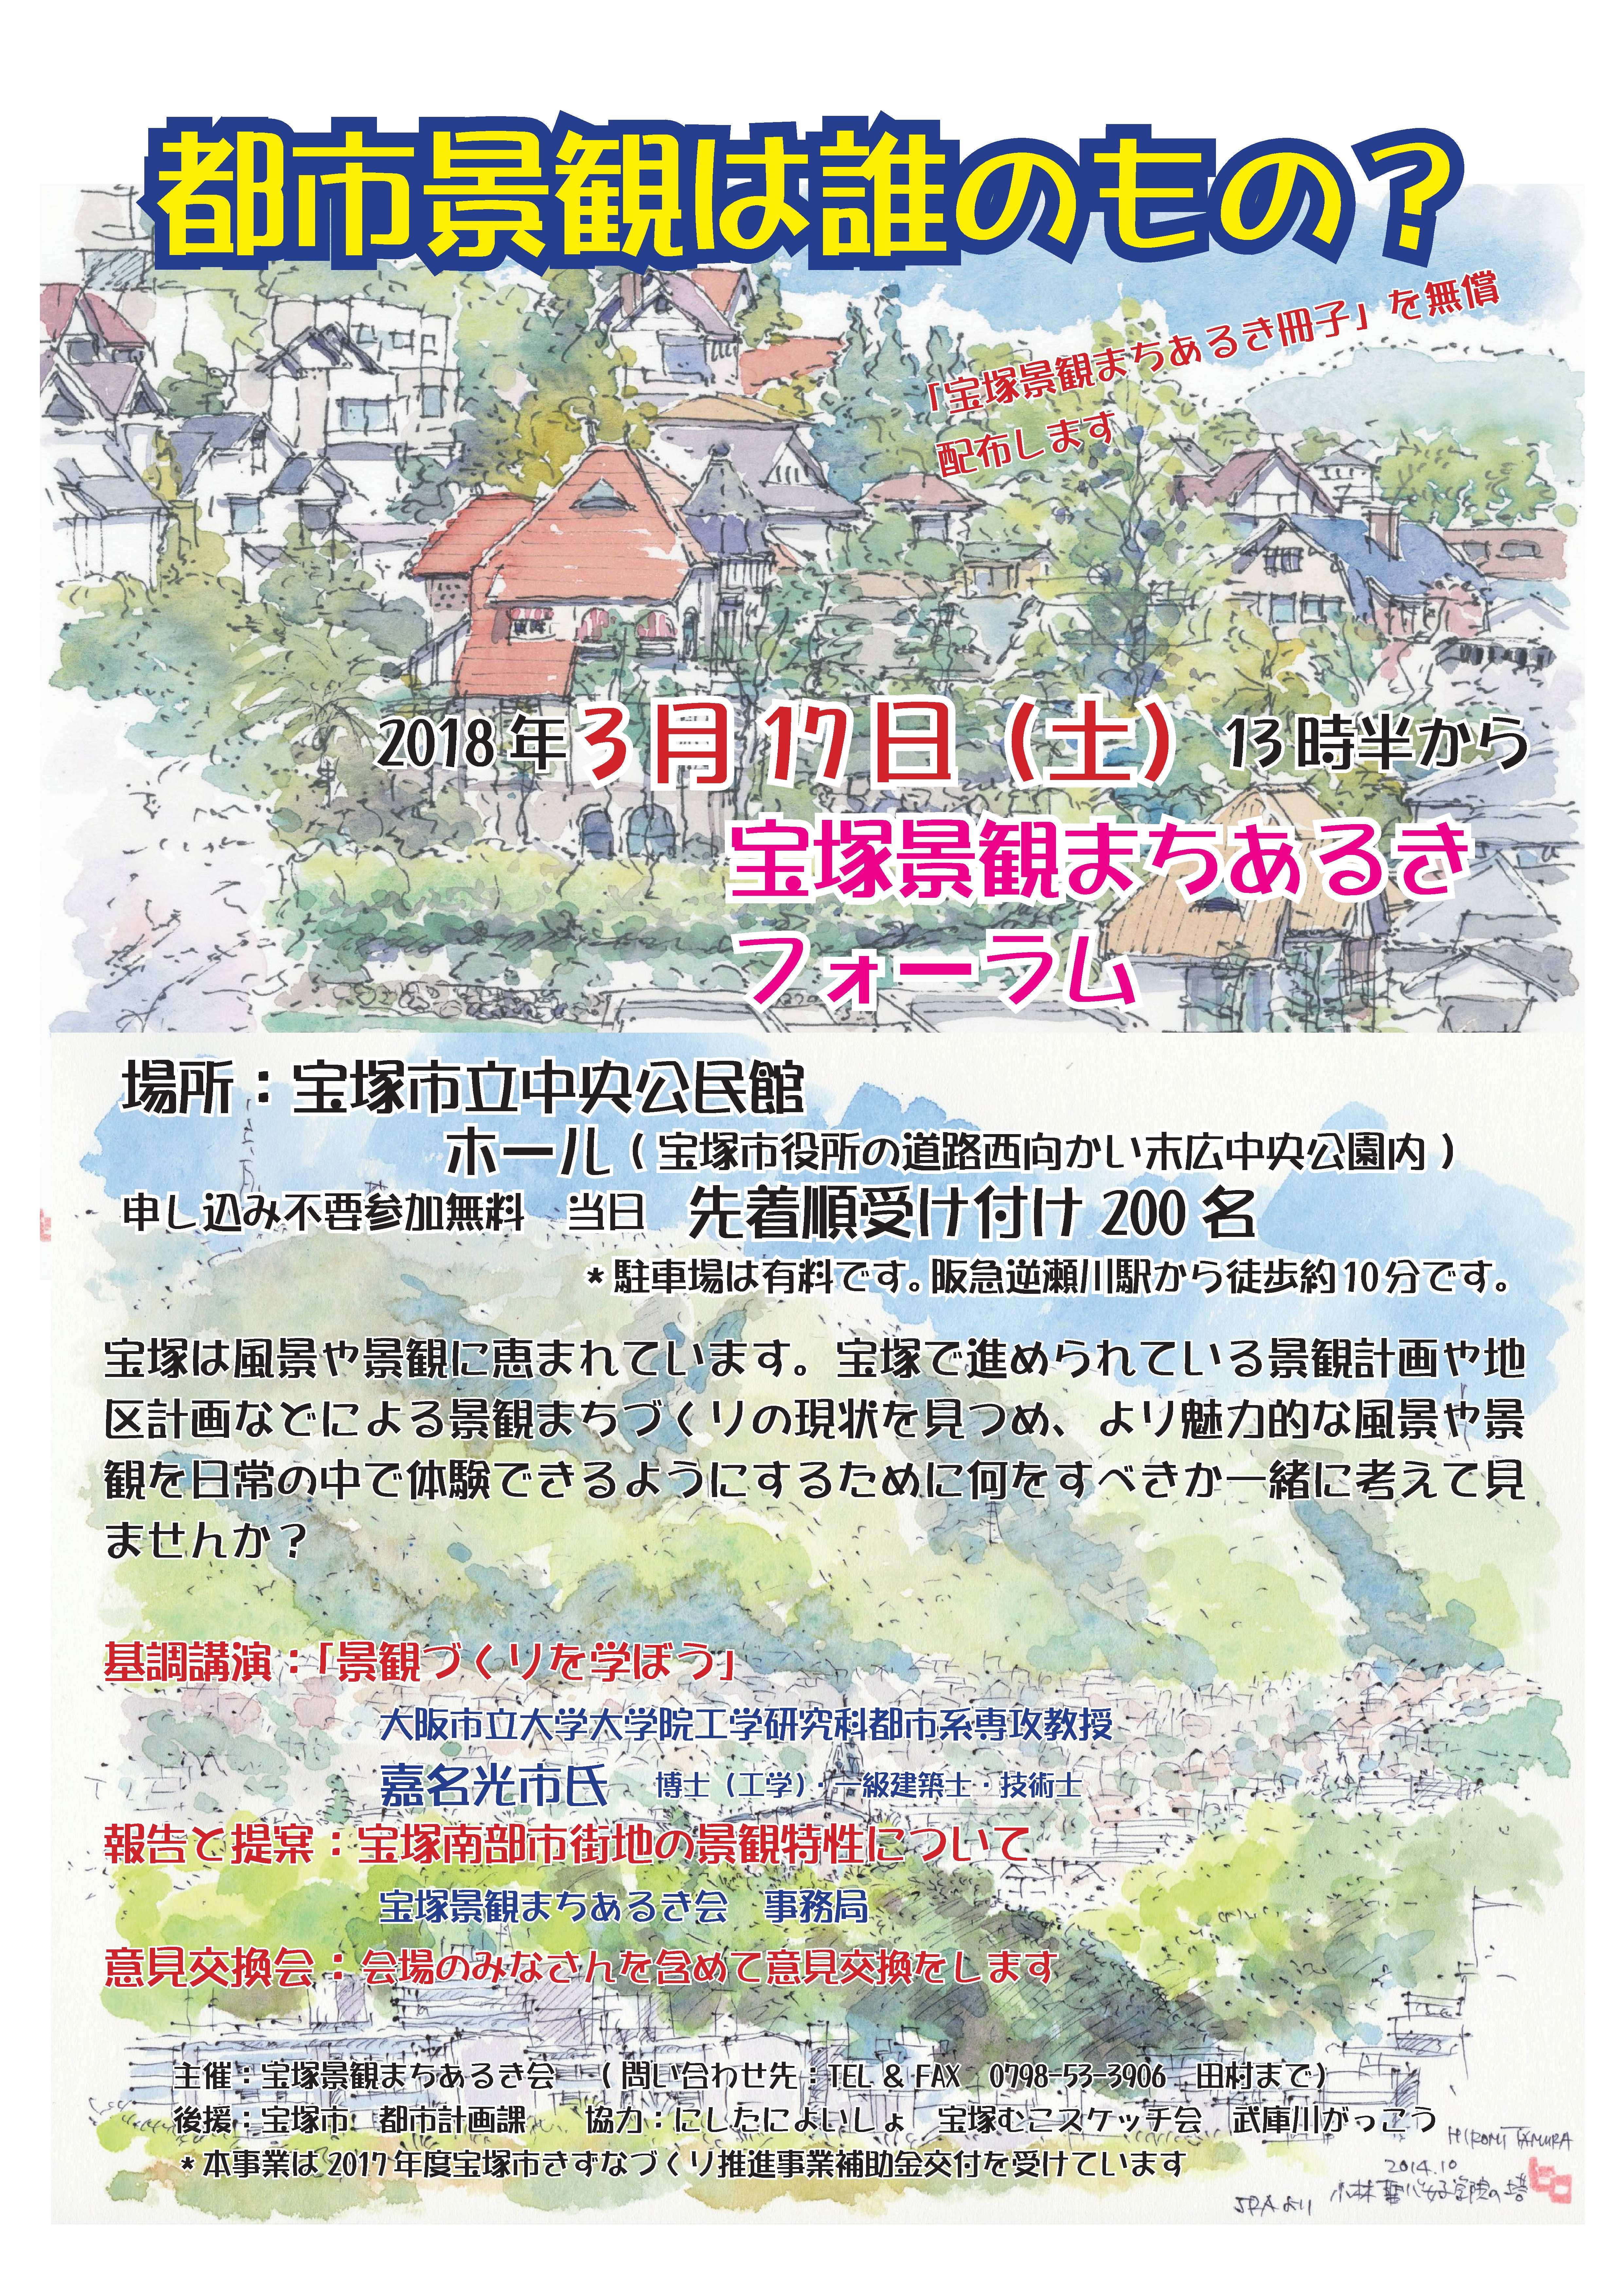 宝塚景観フォーラム